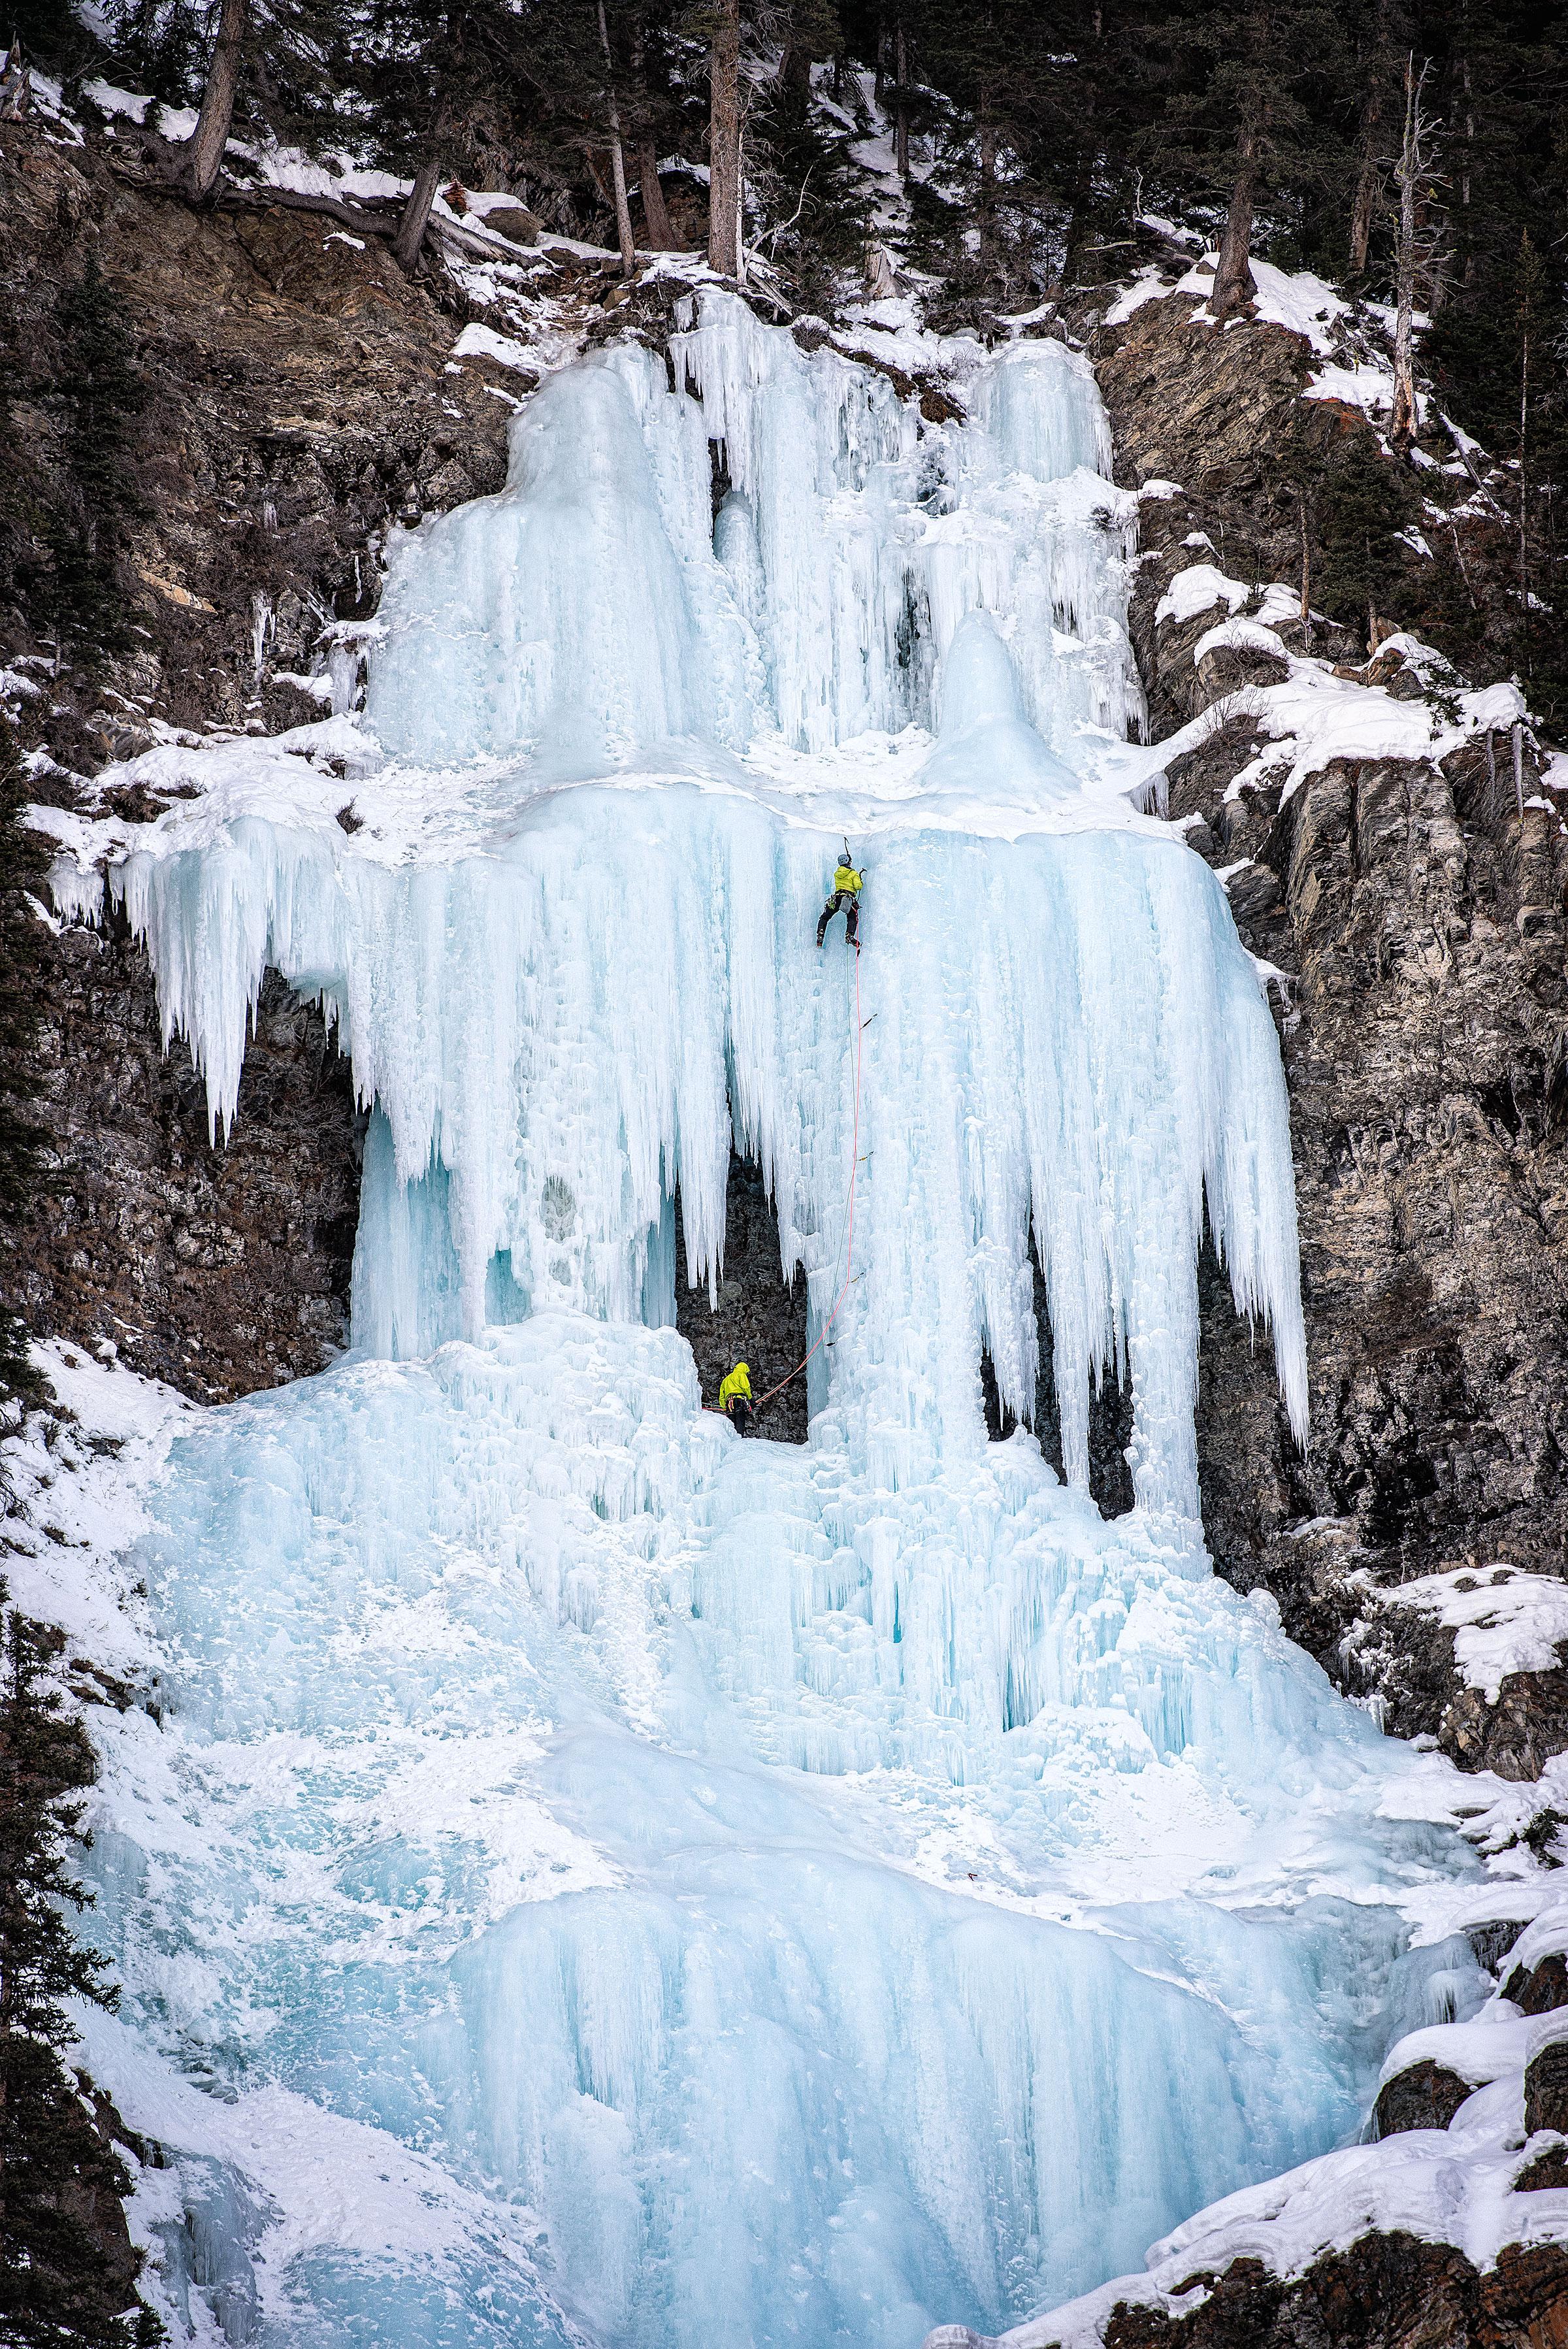 austin-trigg-ice-climbing-banff-Upper-Lake-Louise-Pillar-waterfall.jpg